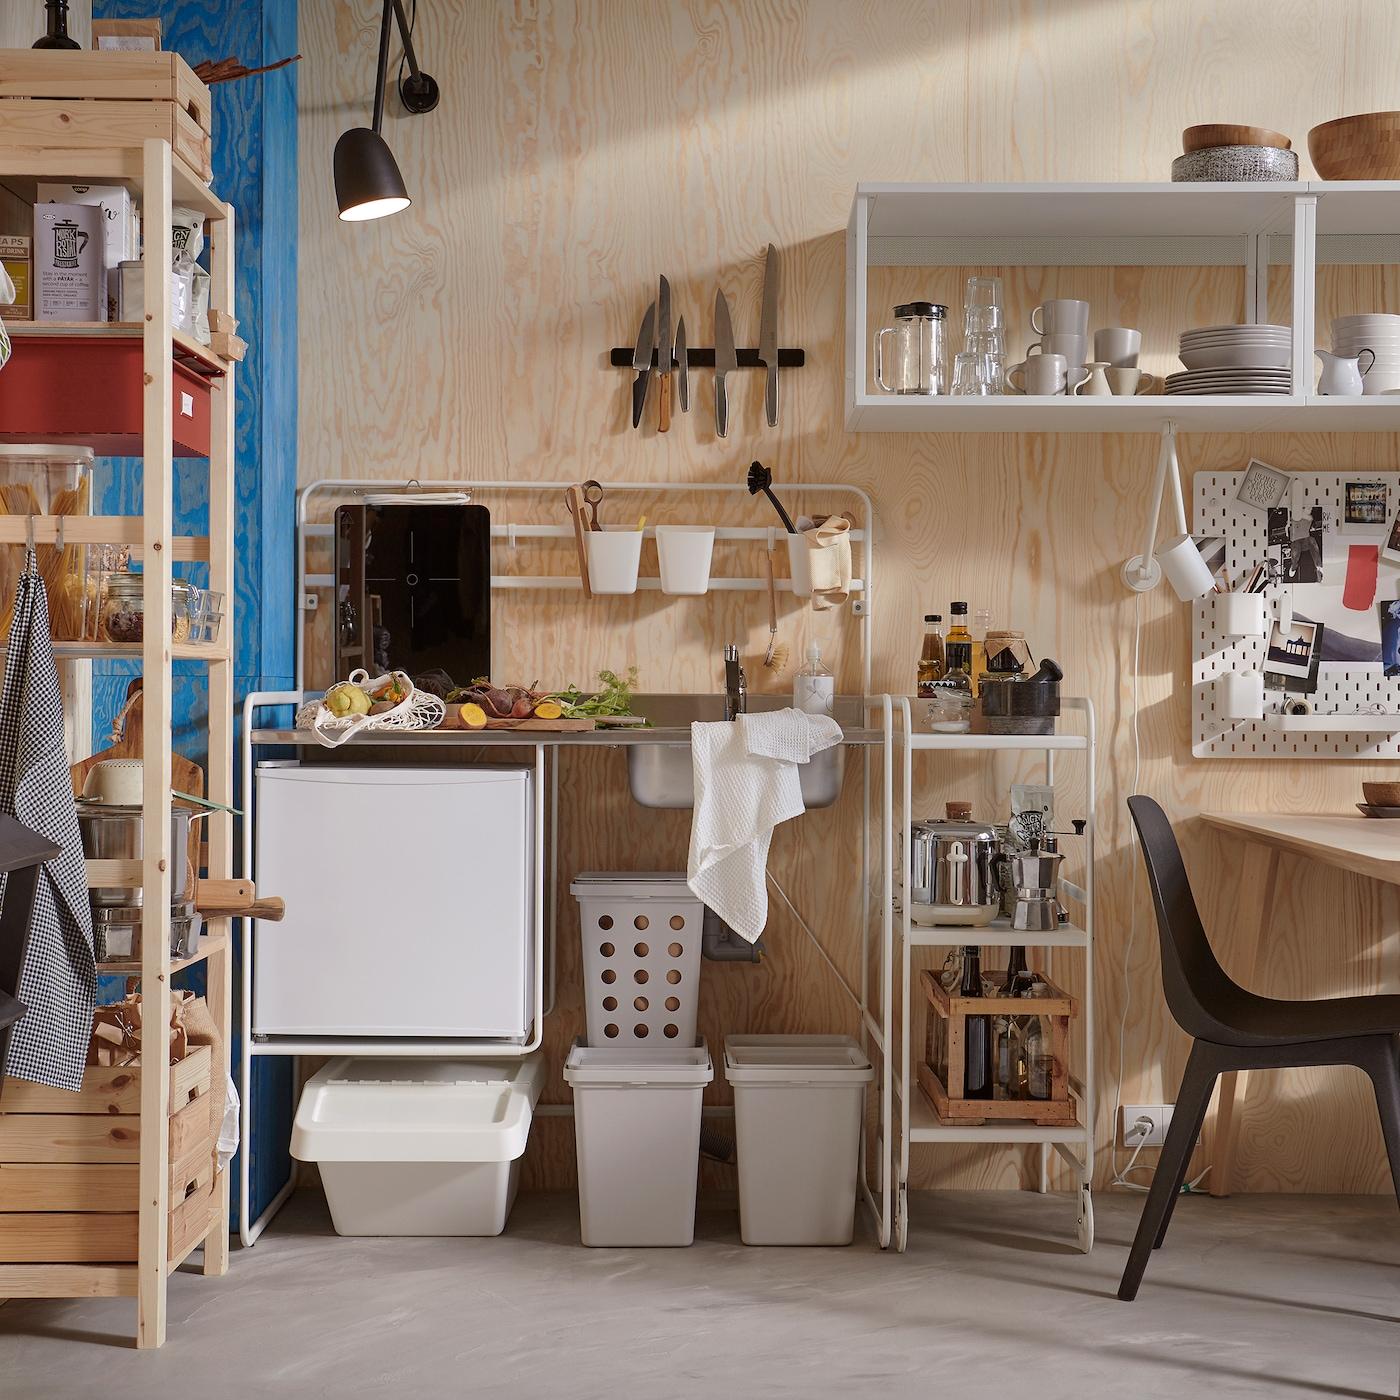 Litet ljust kök med SUNNERSTA minikök, grå källsorteringsbehållare, förvaringssystem i furu och svarta stolar.